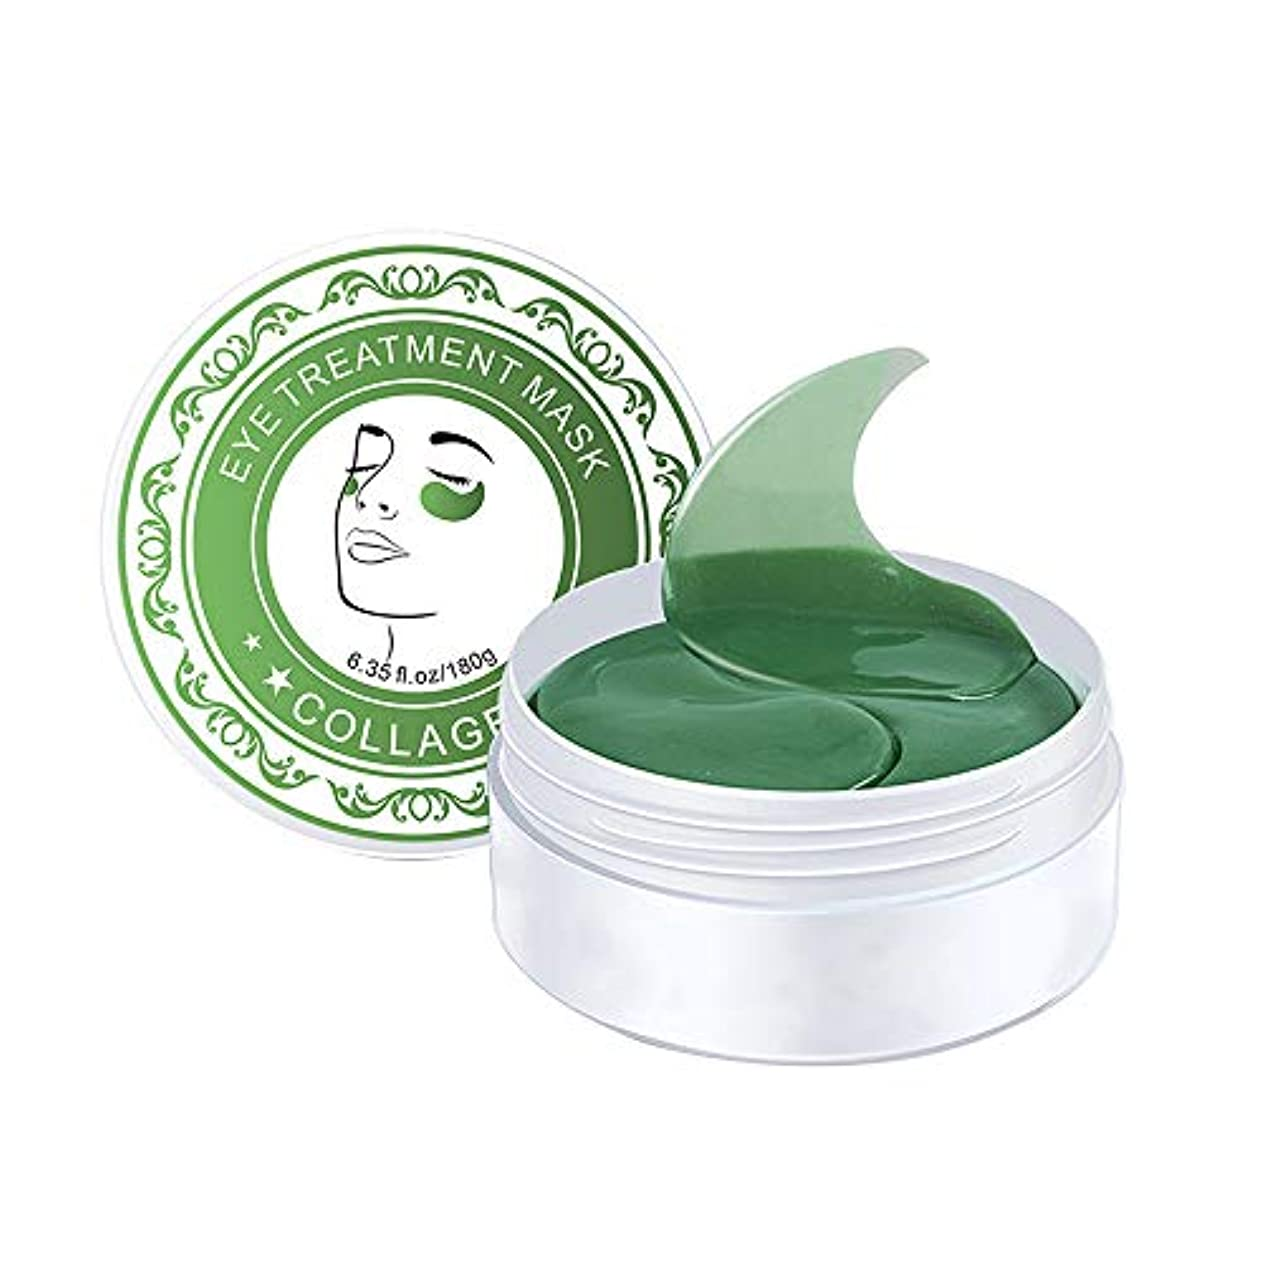 掘る派生する伴うアイトリートメントマスク、コラーゲンアイマスク海藻エキスアンダーエイジングヒアルロン酸アイパッチモイスチャライジング&ダークサークル低減のためのアイパッチジェルのしわ (Style-3)